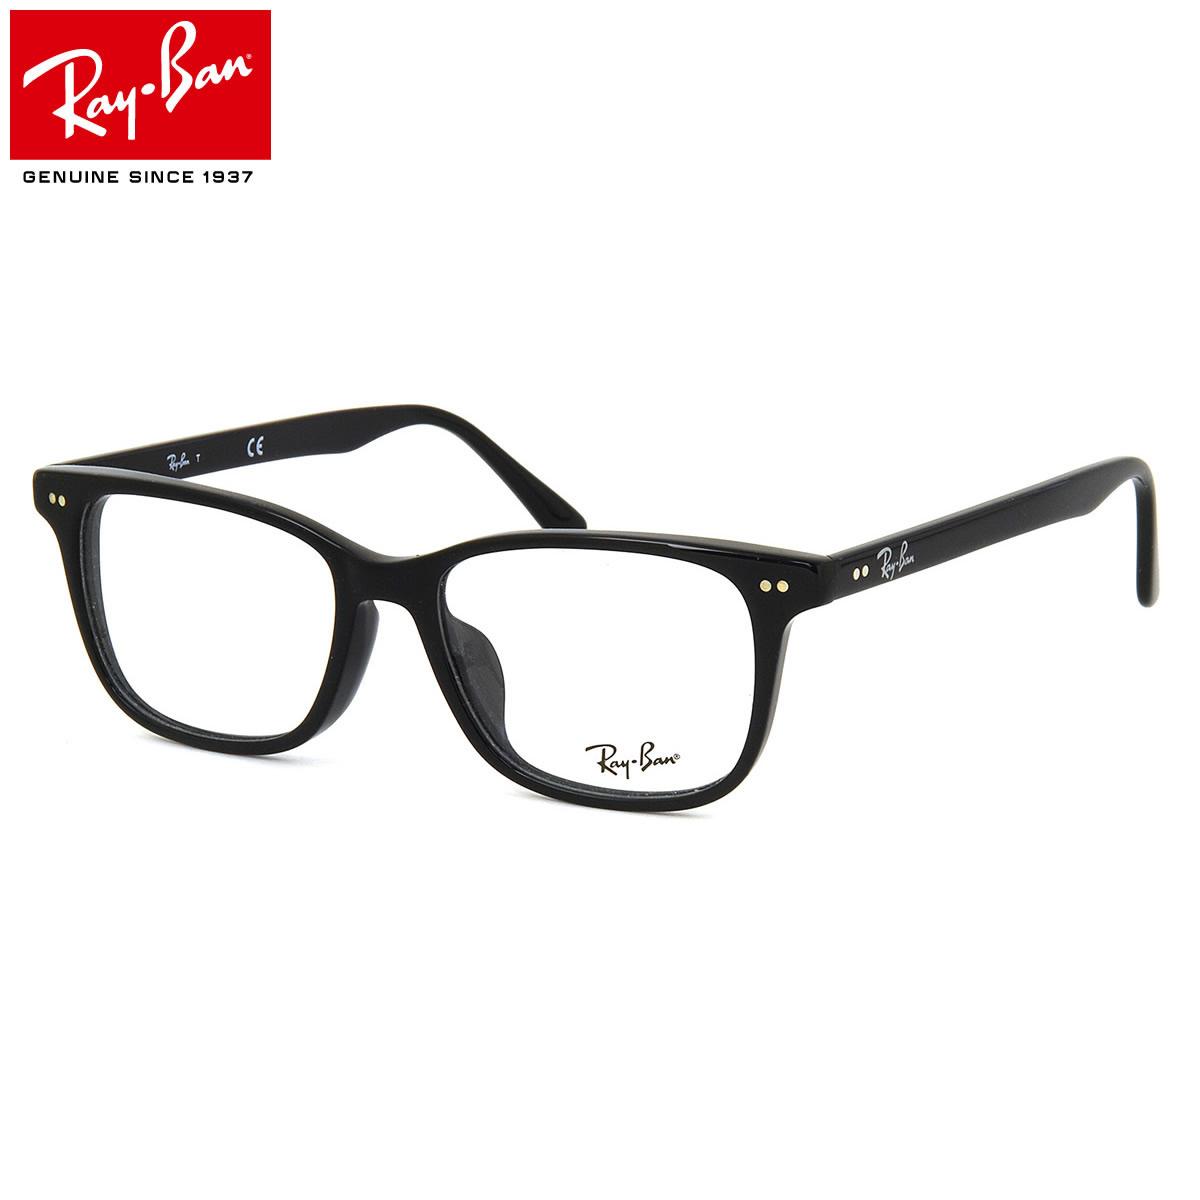 【10月30日からエントリーで全品ポイント20倍】レイバン メガネ フレーム Ray-Ban RX5306D 2000 53サイズ 日本企画モデル レイバン RAYBAN メンズ レディース